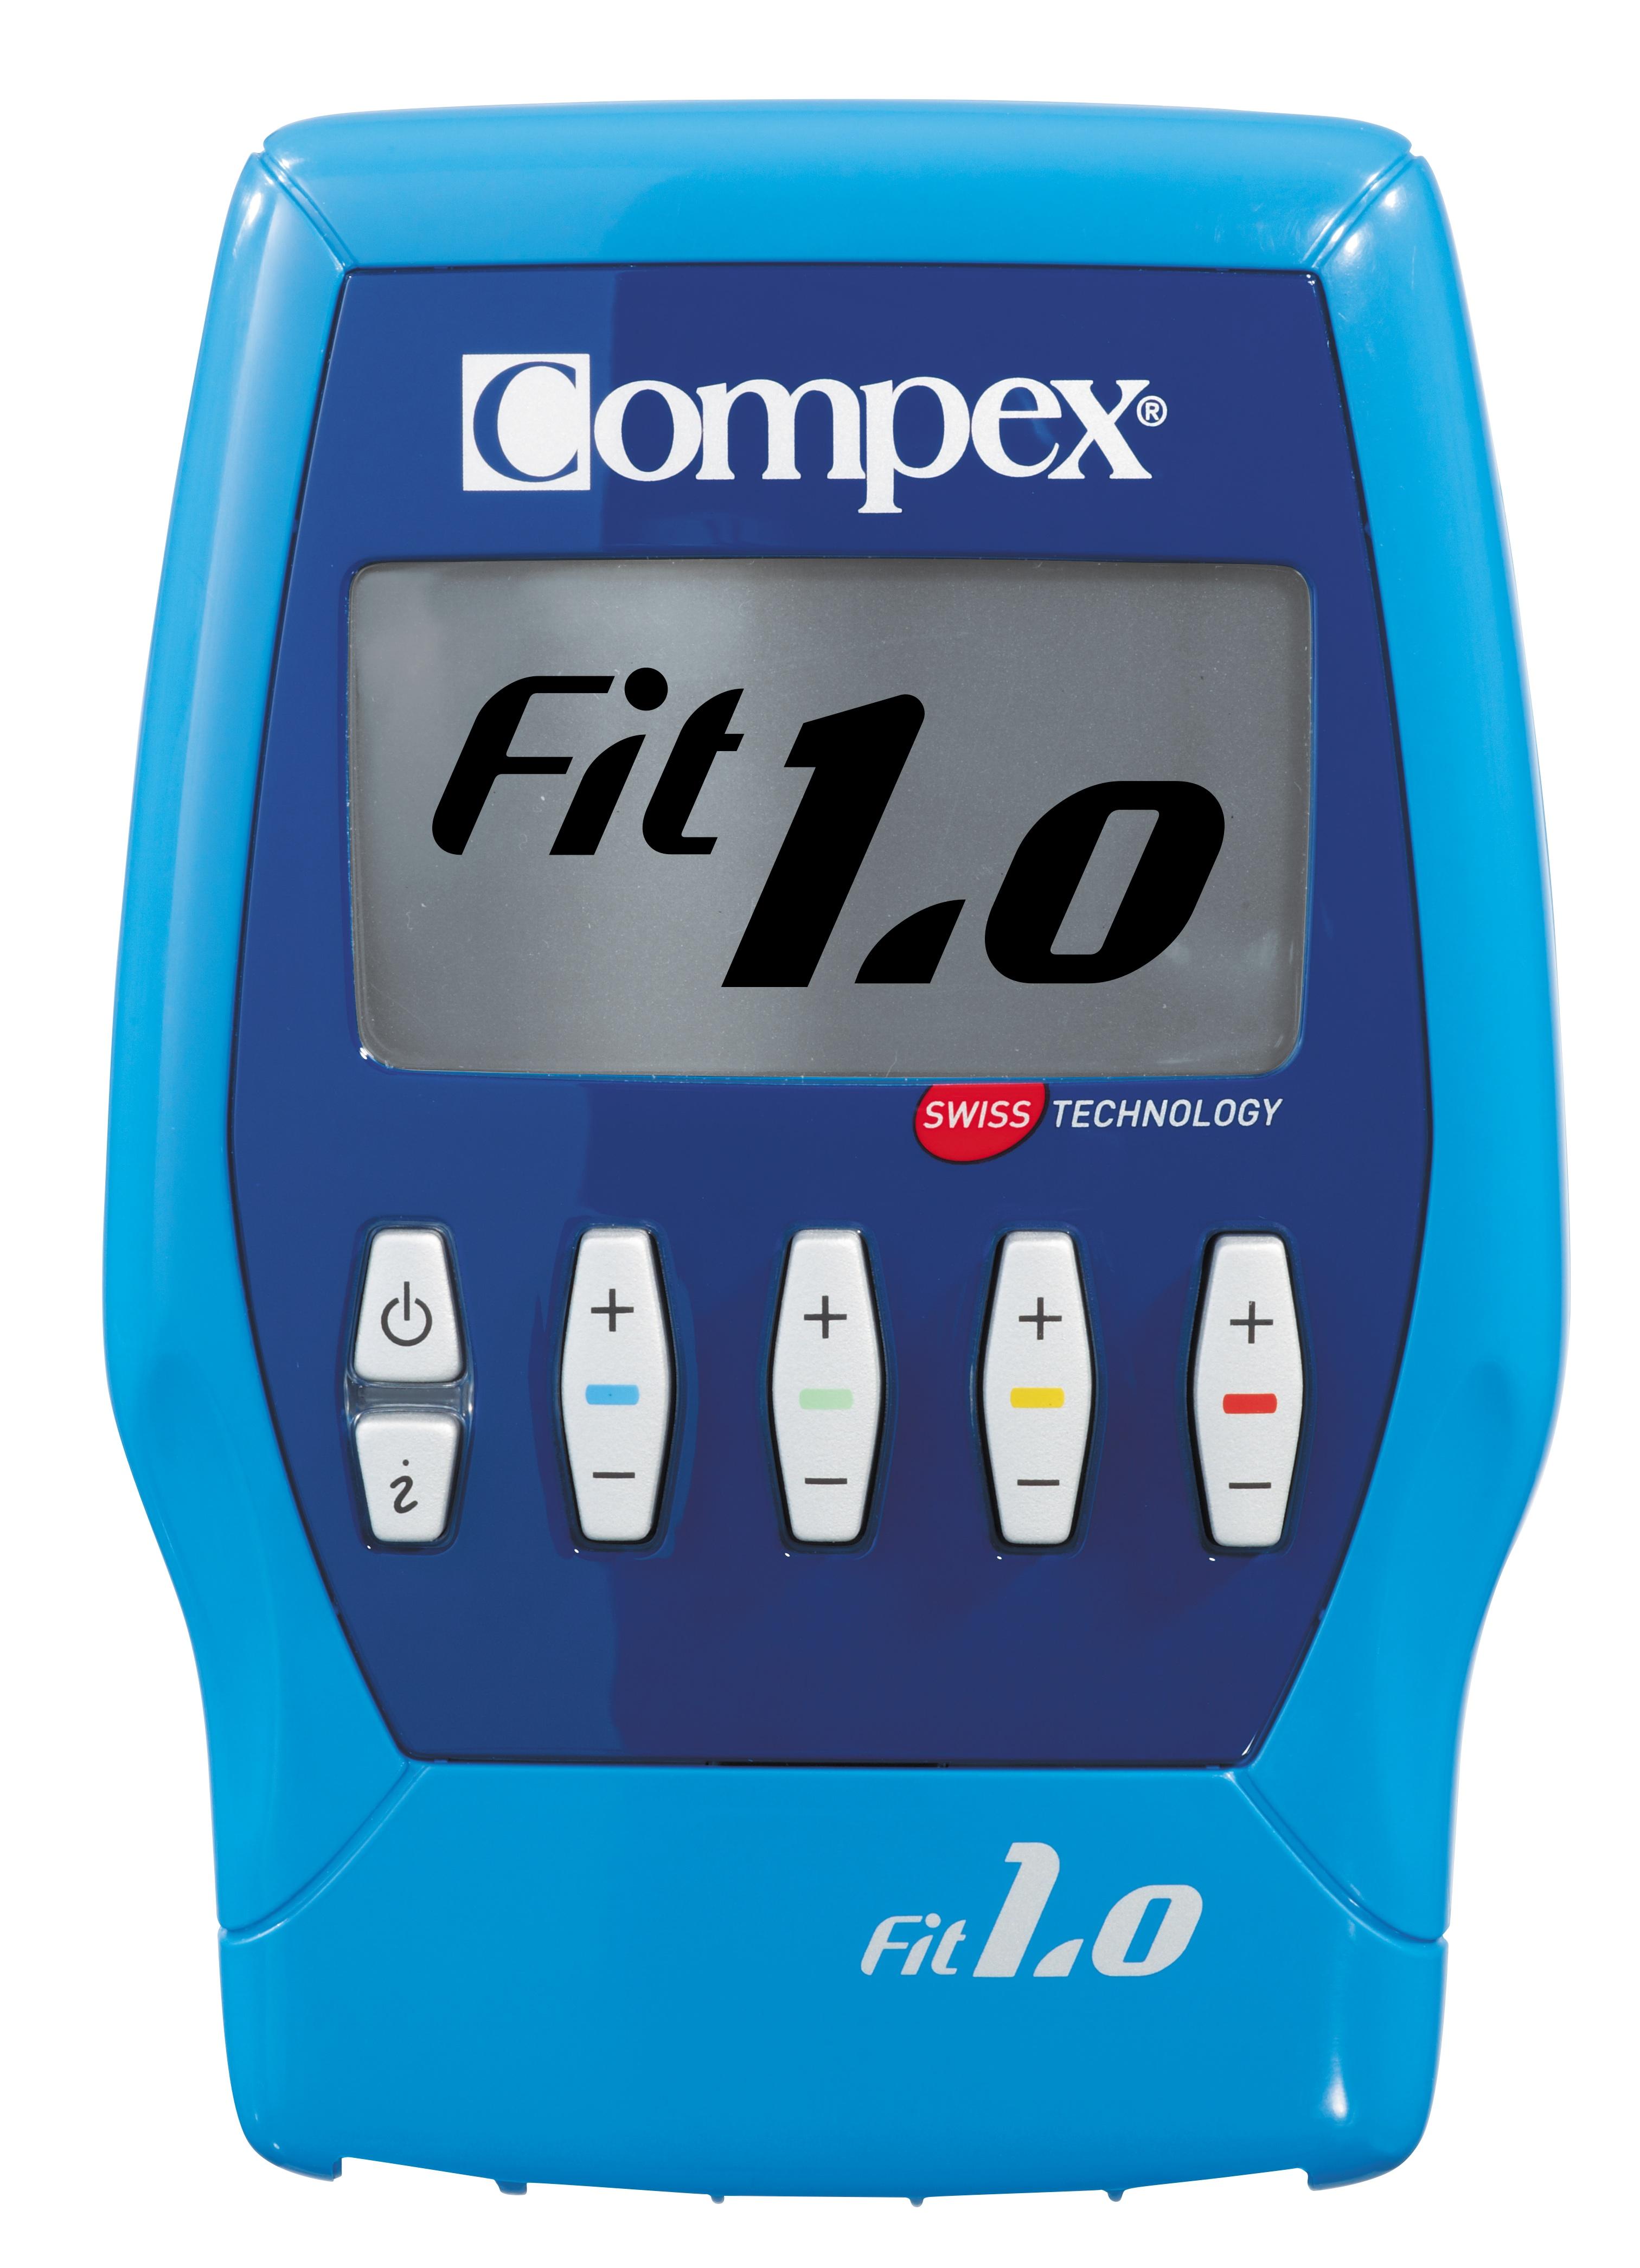 Compex Fit 1.0 zu 199 Euro